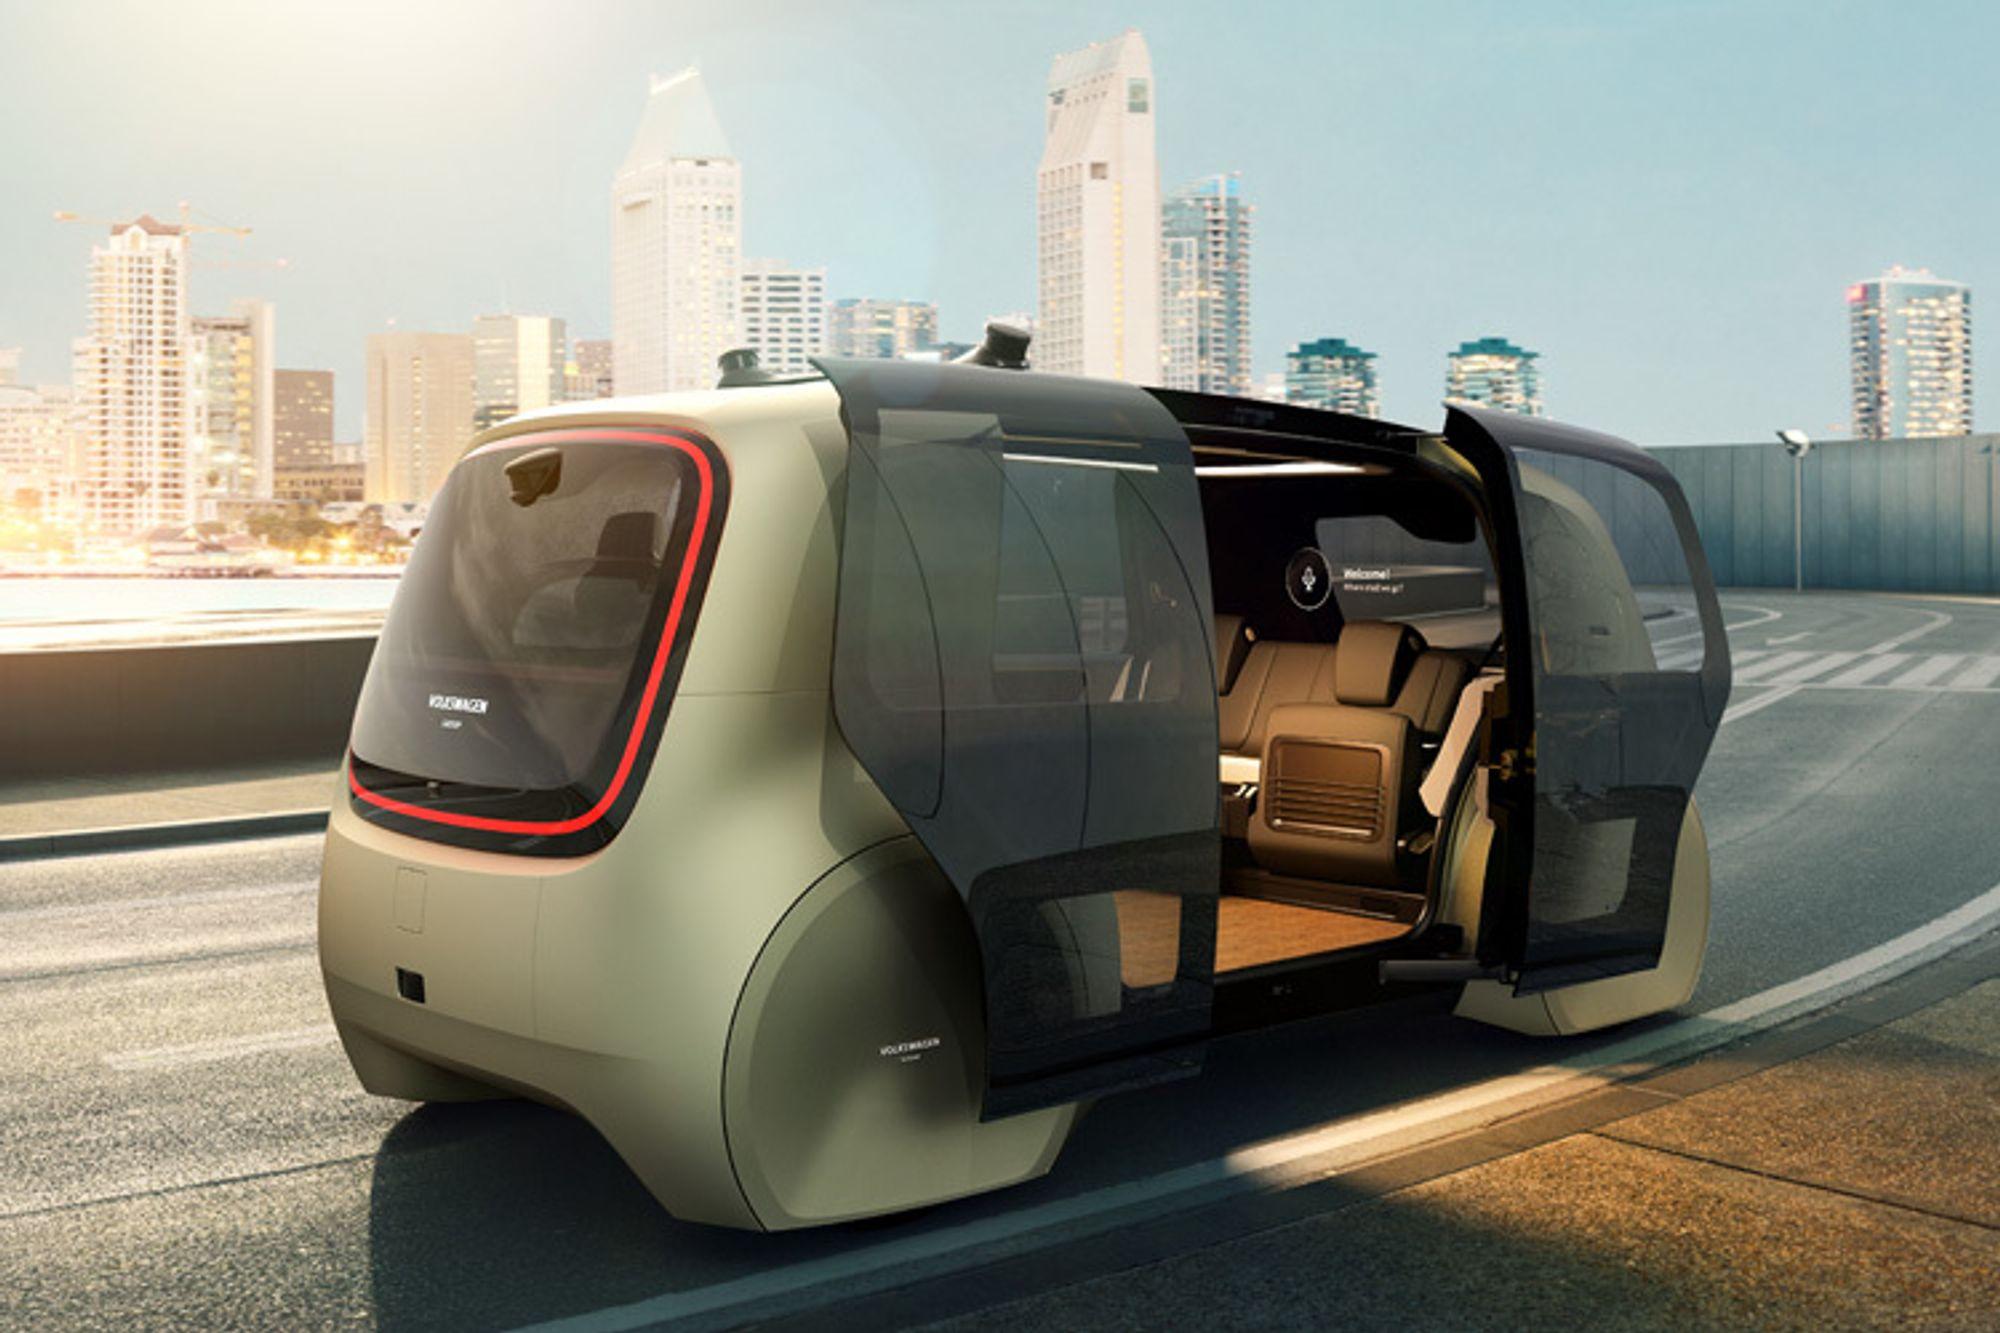 Når selvkjørende transporttjenester blir tilgjengelig, er mange interessert i å velge dette fremfor å eie egen bil.